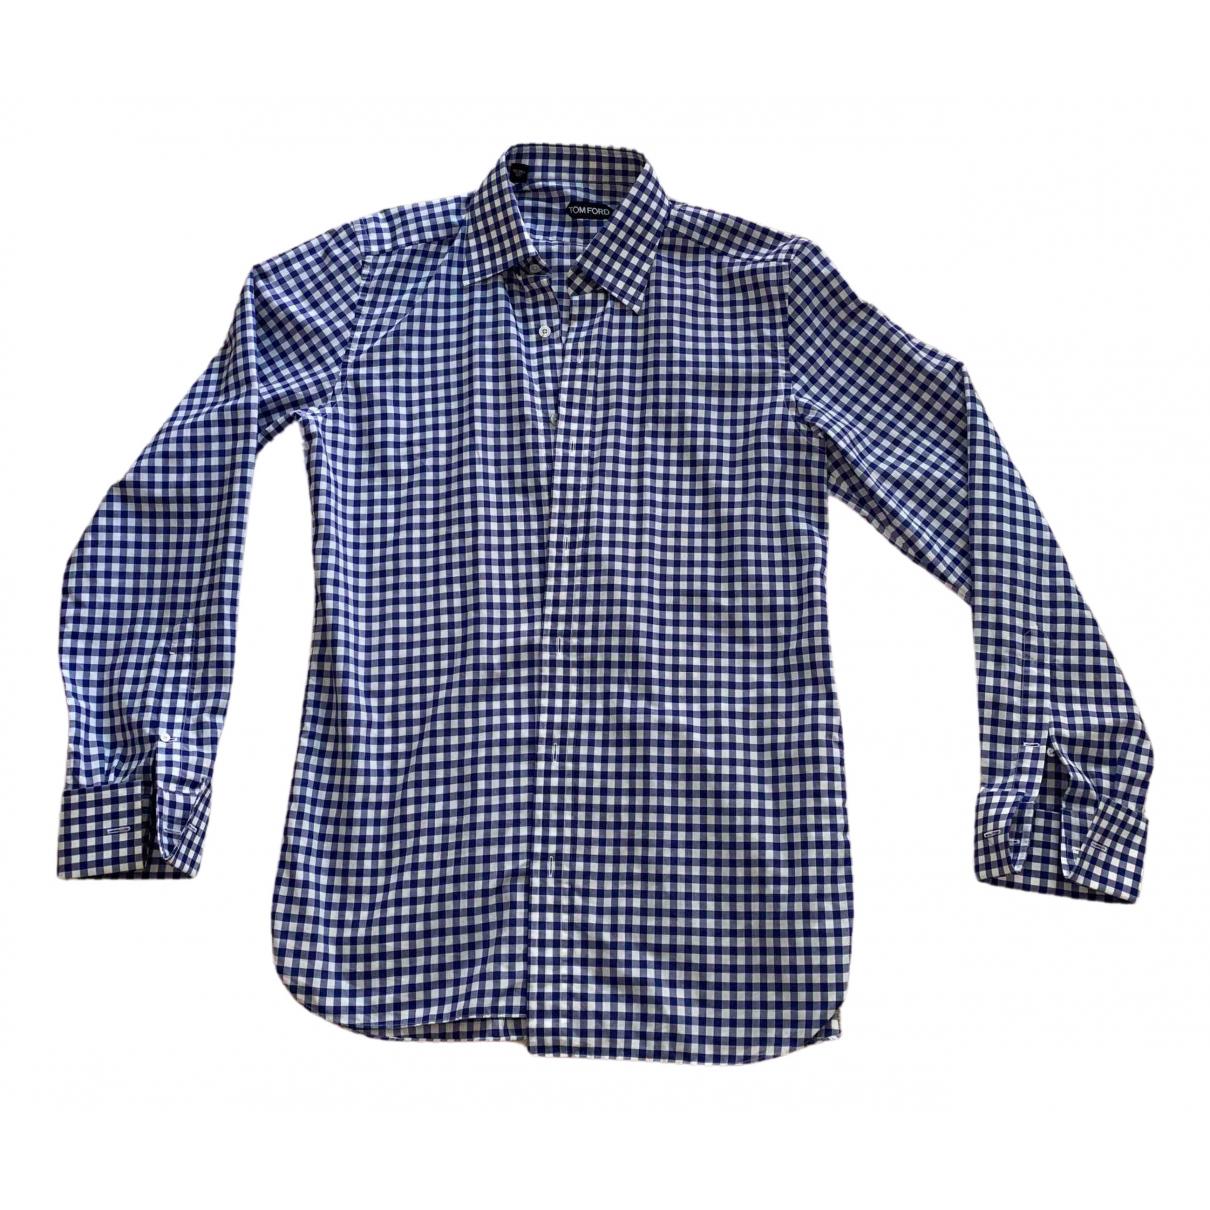 Tom Ford \N Hemden in  Blau Baumwolle